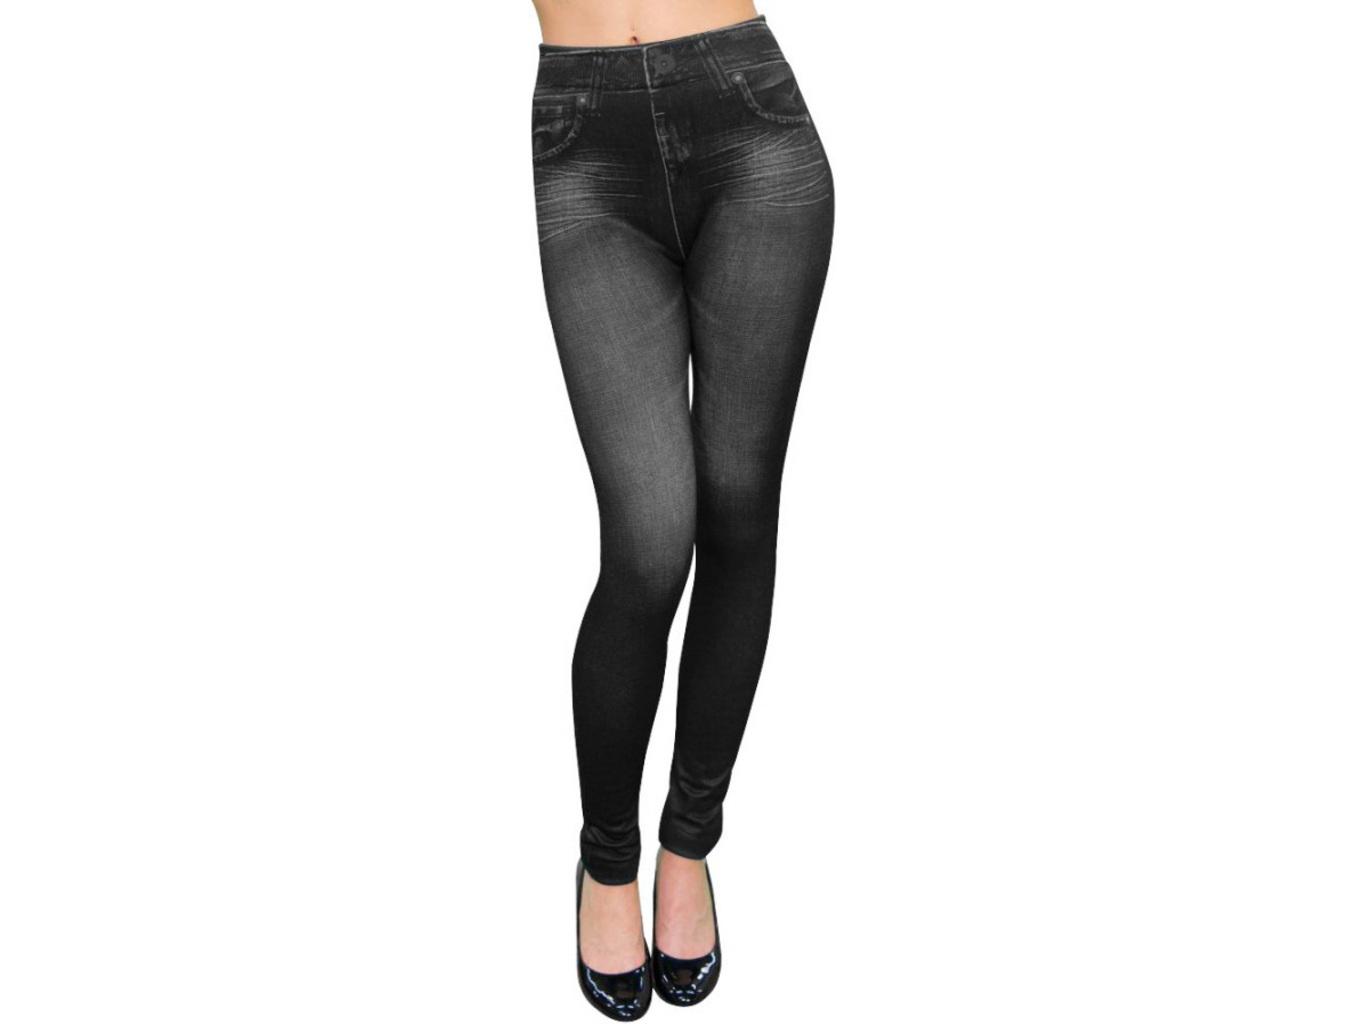 Dámské legíny jeans černé Velikost: L